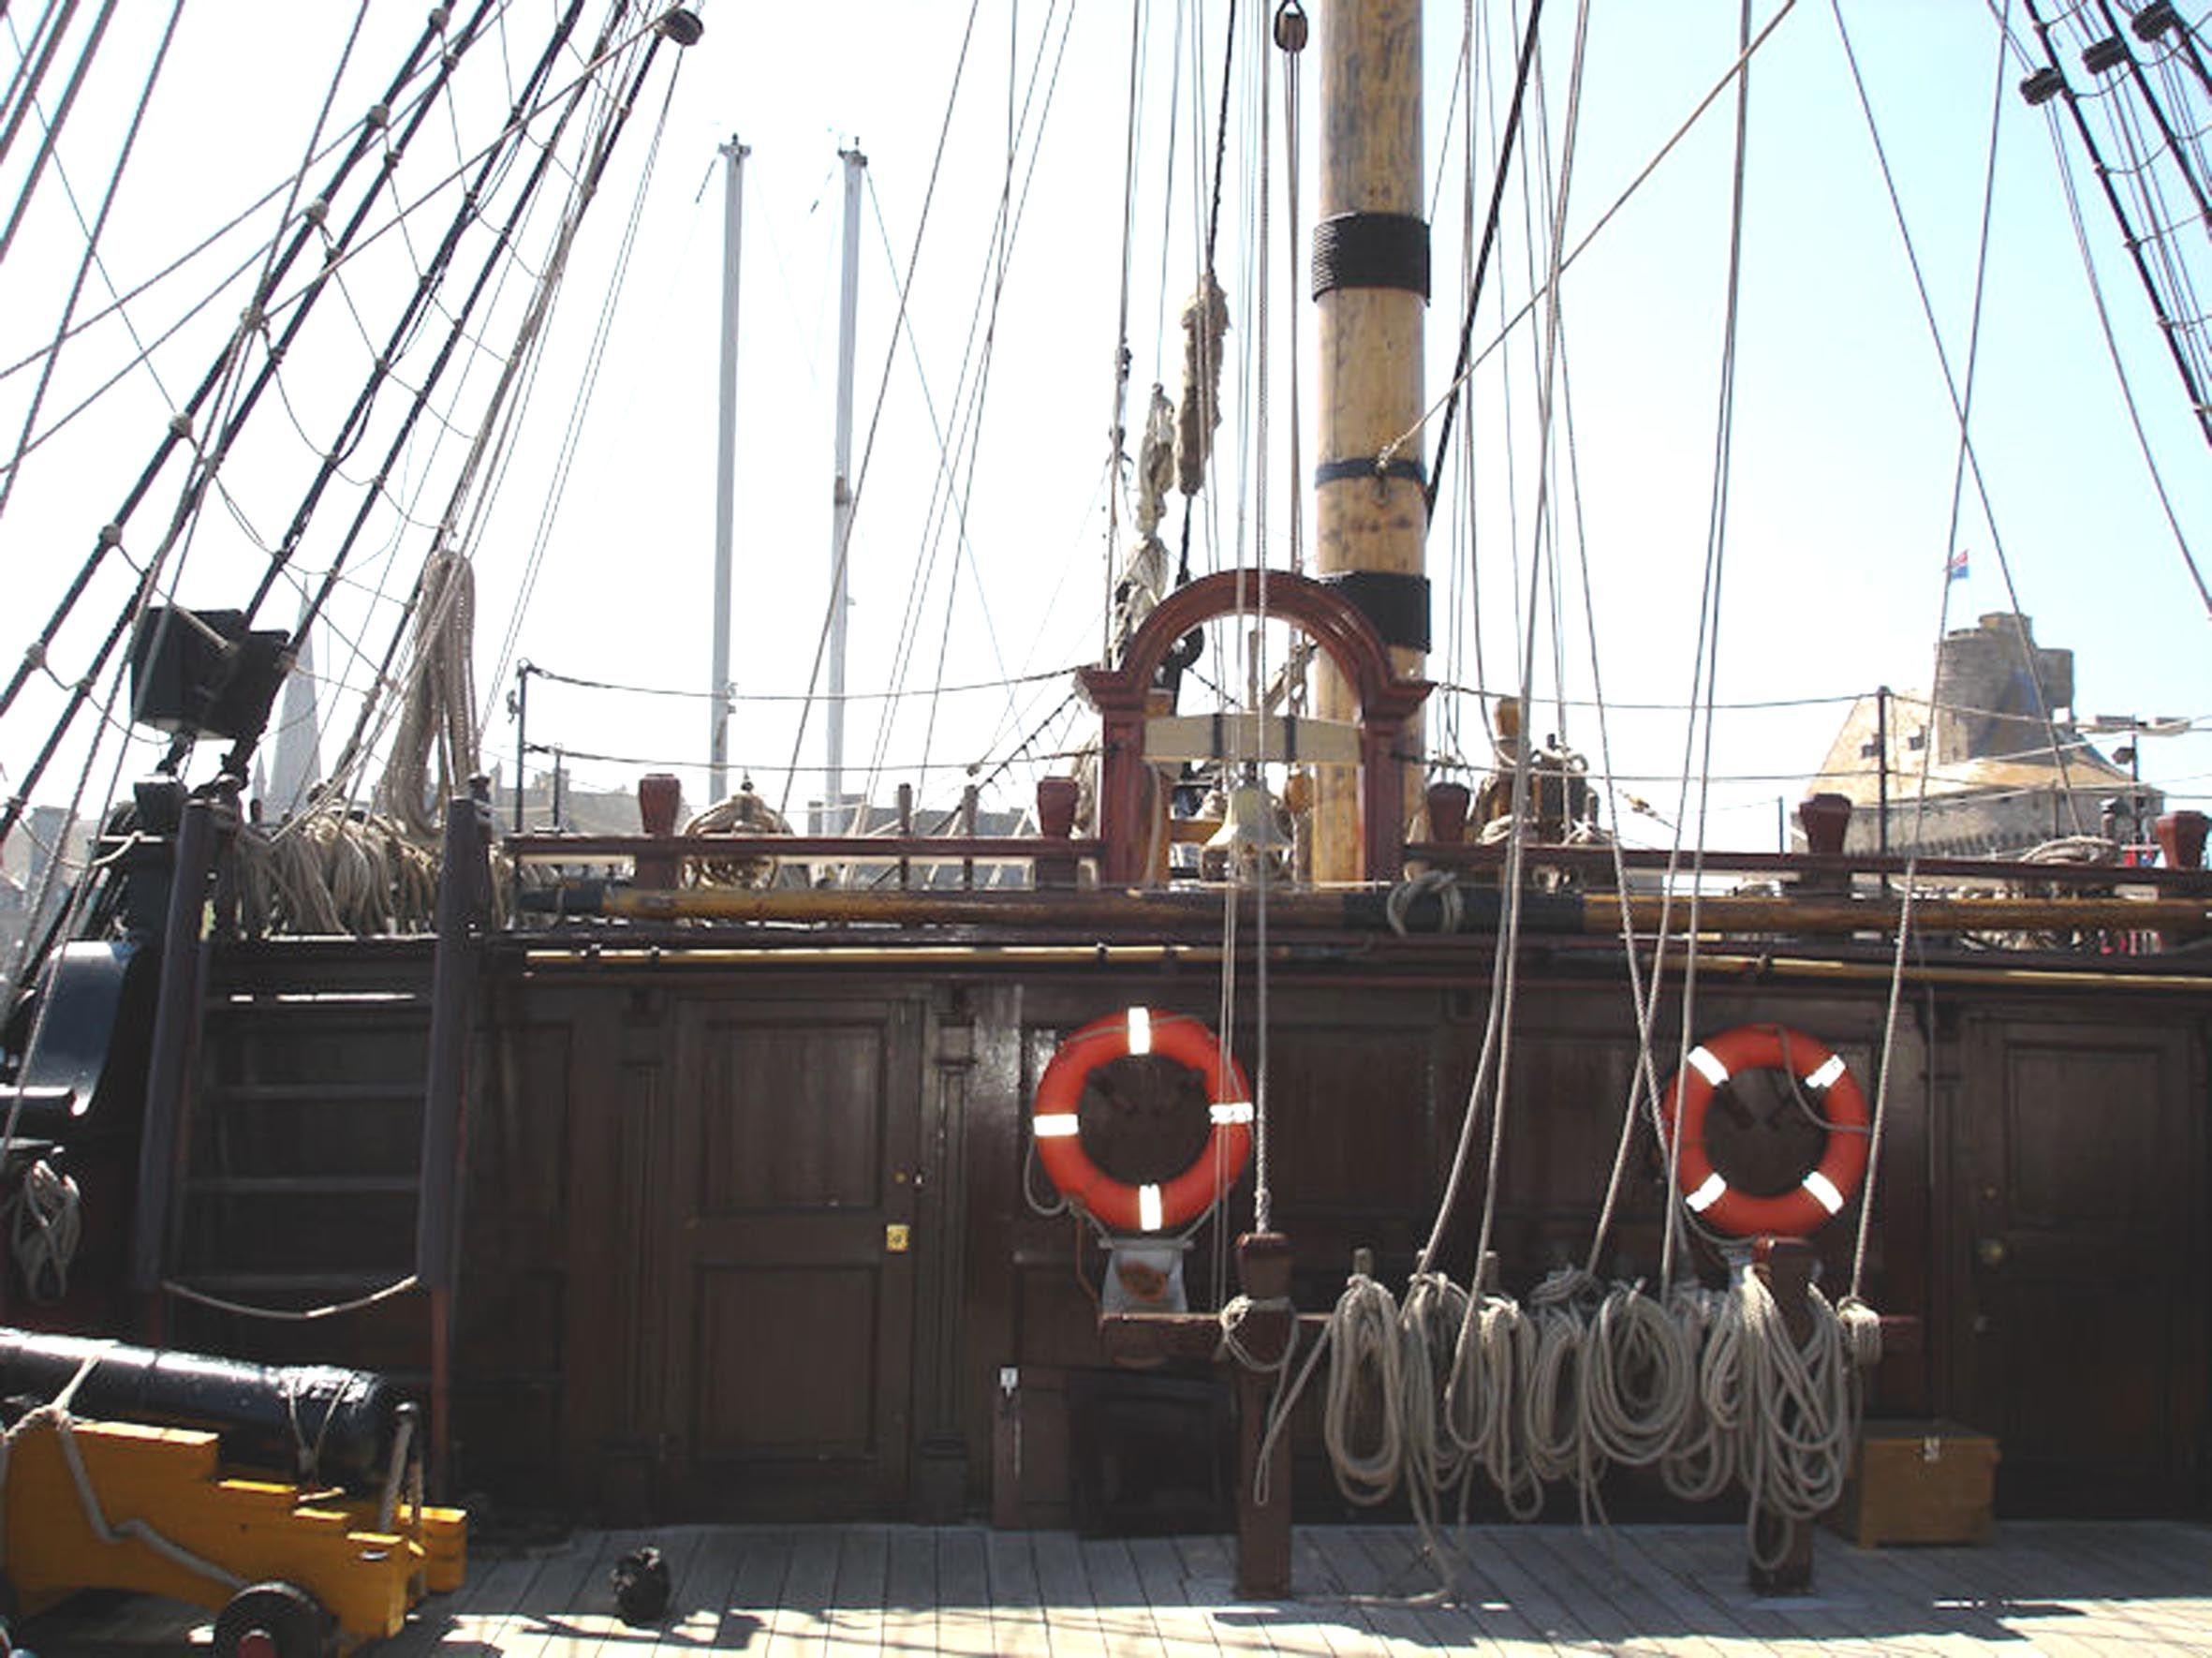 Le+Bateau+Pirate+Le+Gaillard+d$27Arri$C3$A8re.jpg 2362×1770 pixels